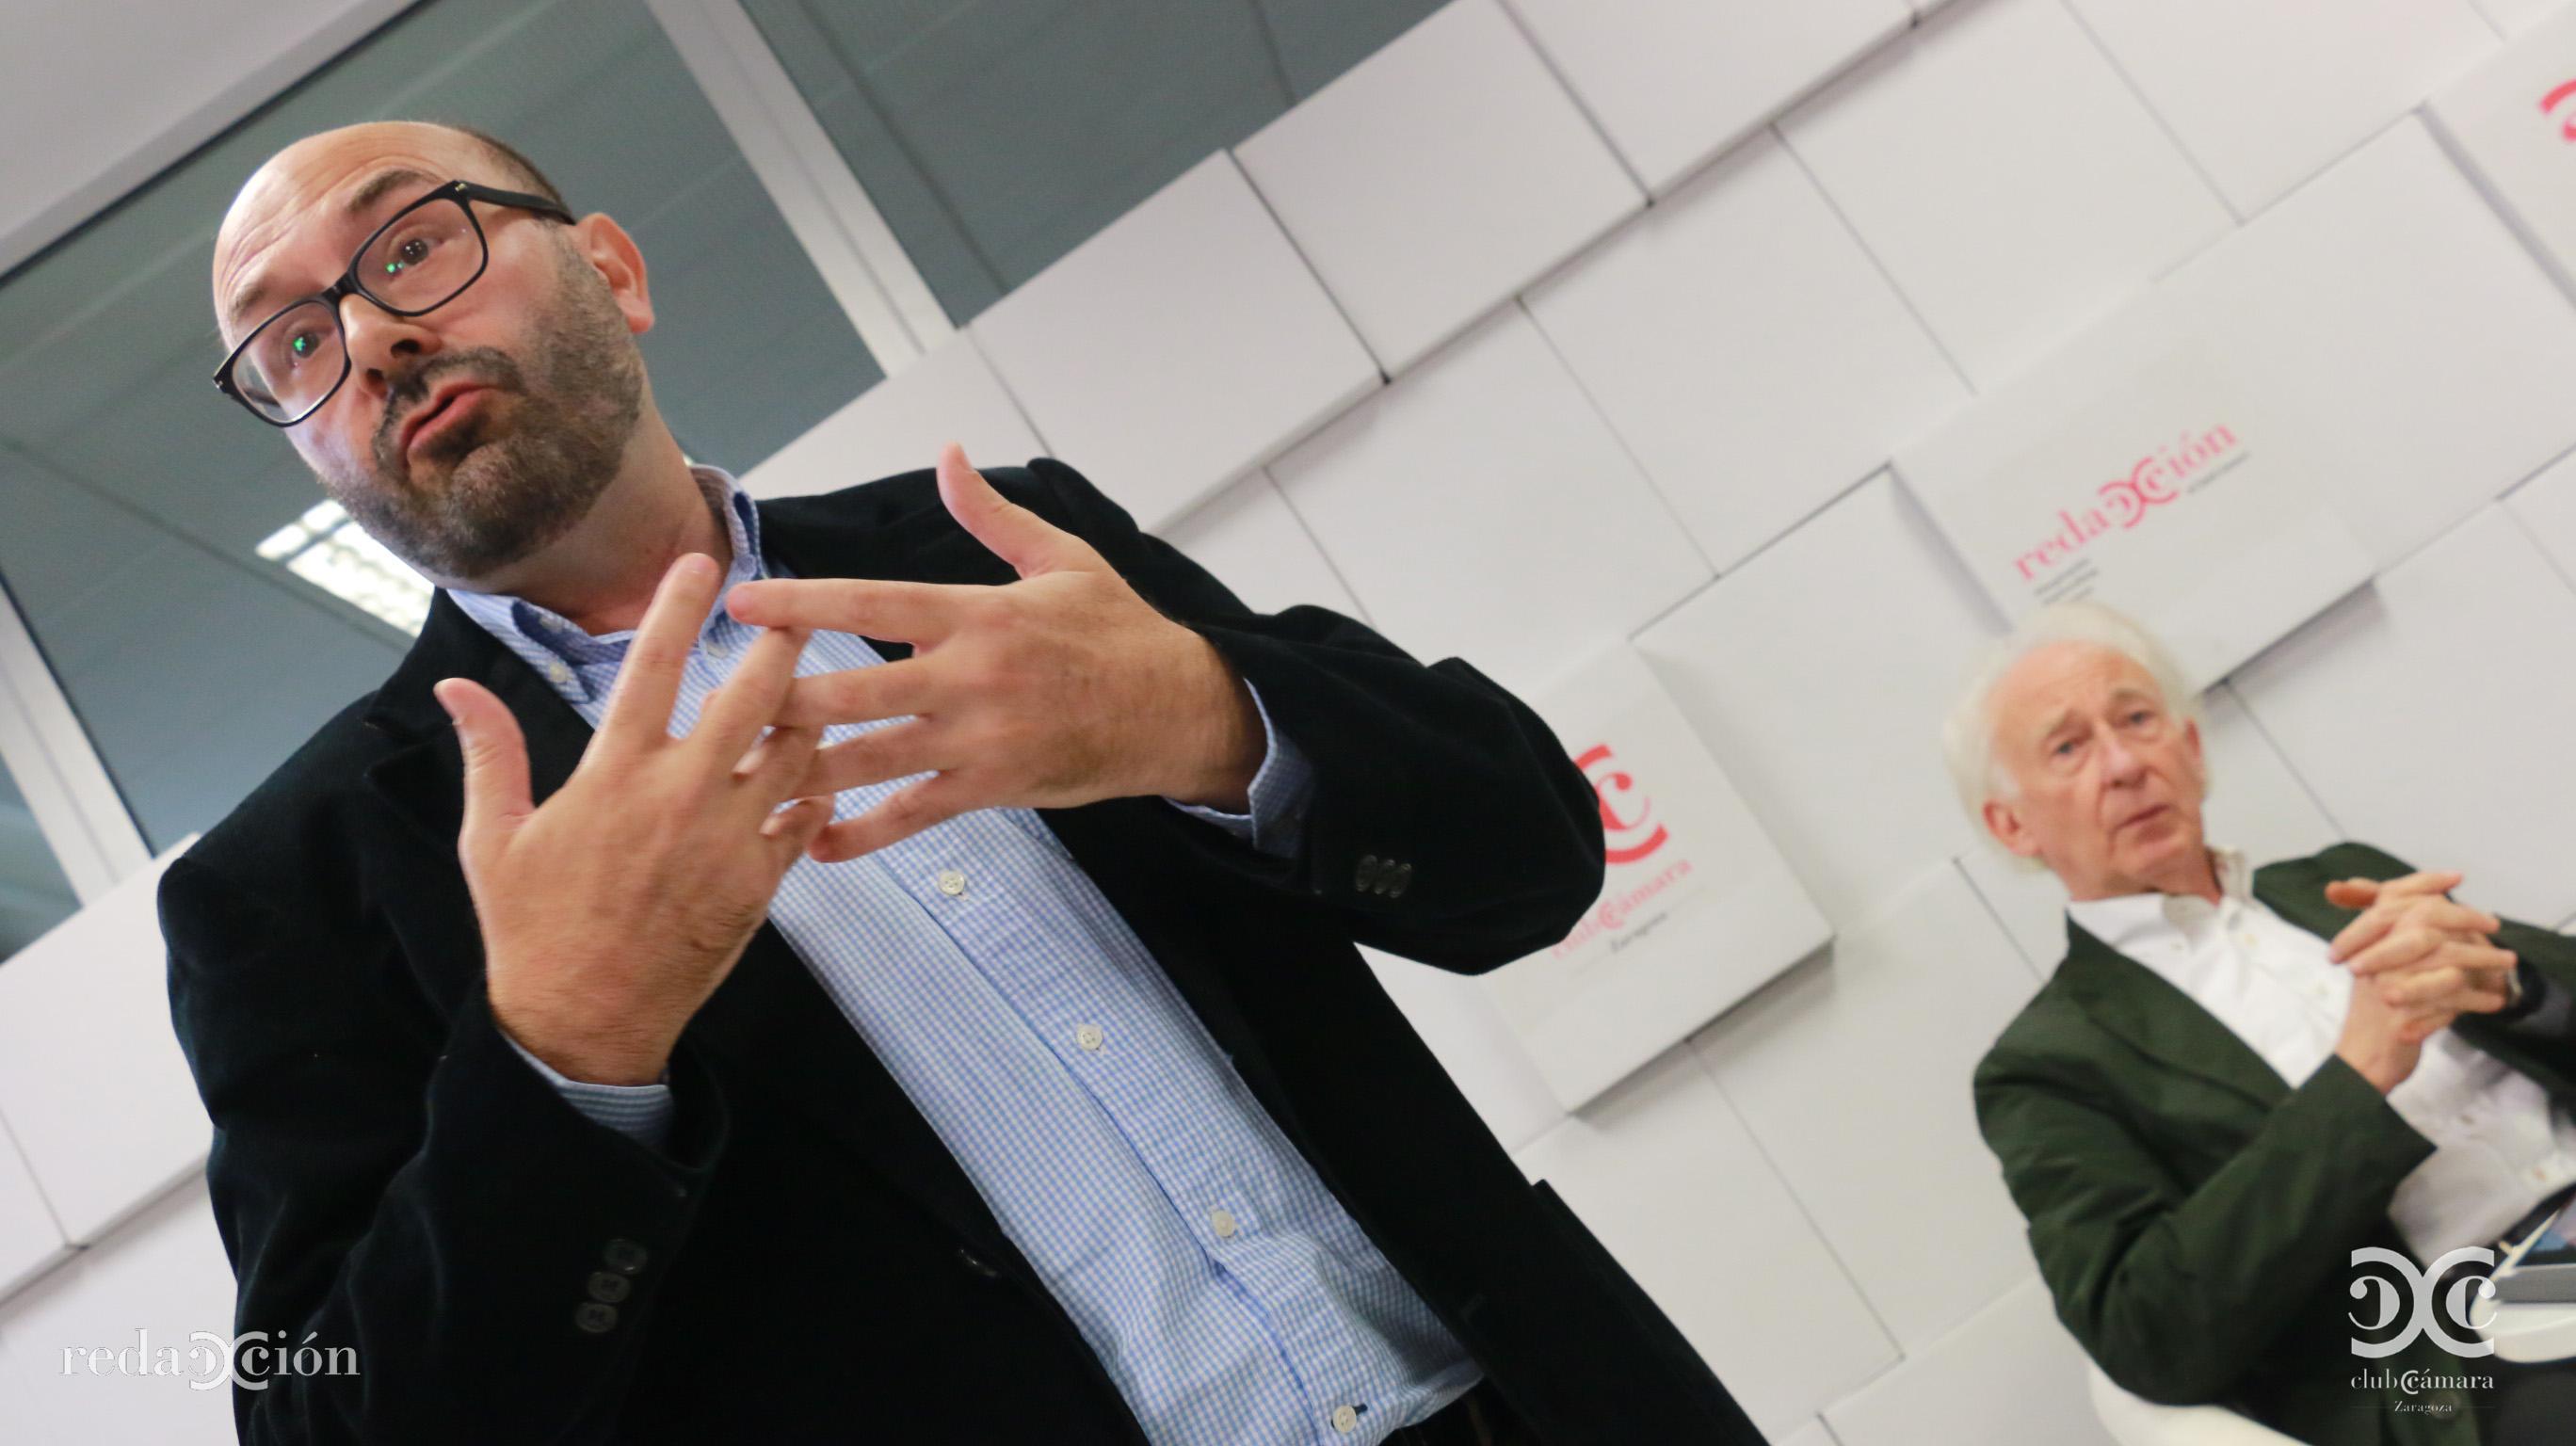 Ramón Añaños